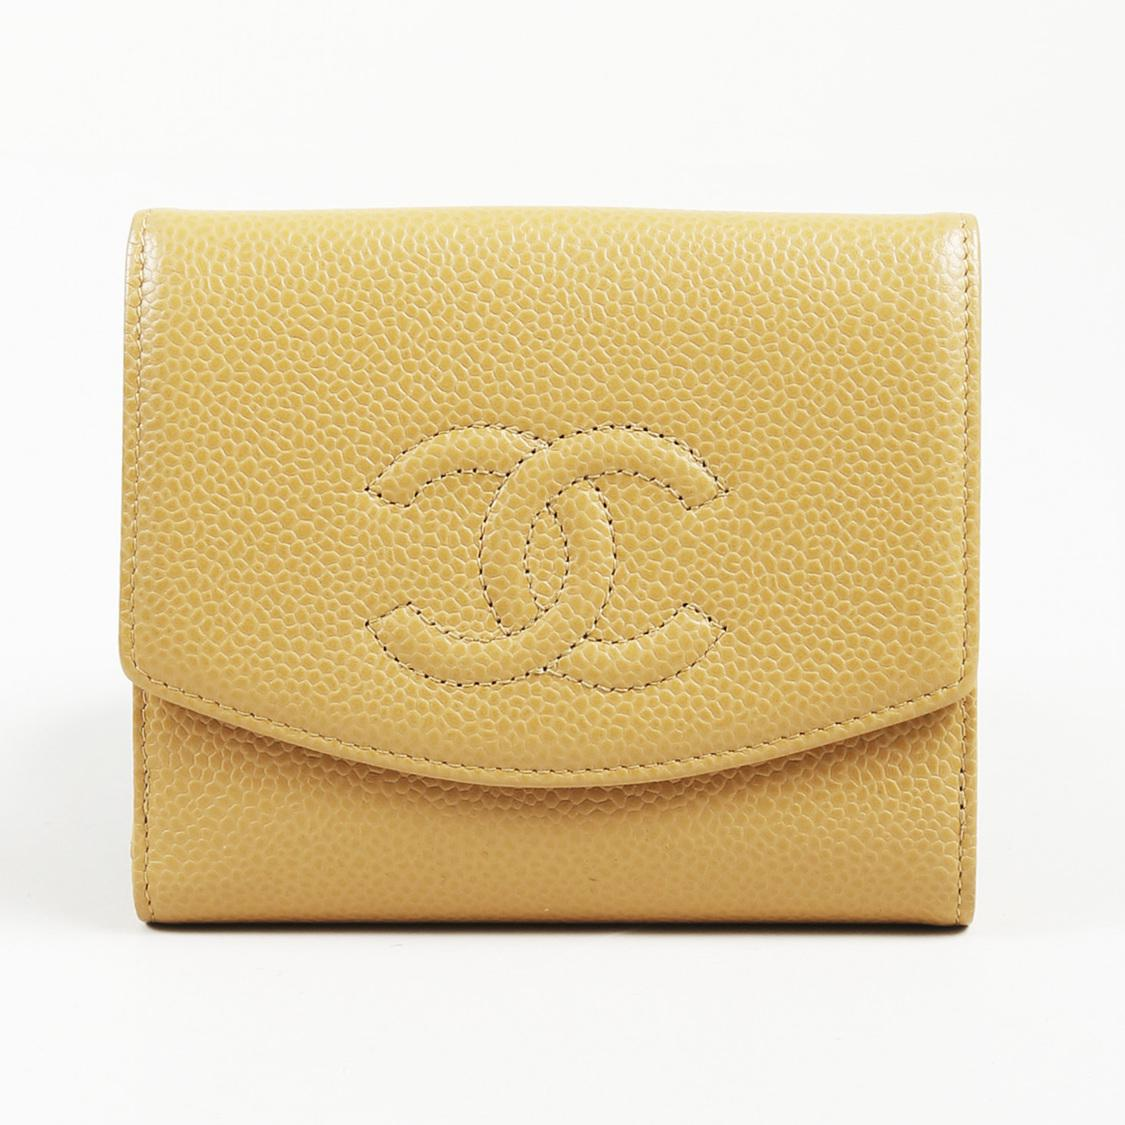 a88b3c732306 Lyst - Chanel